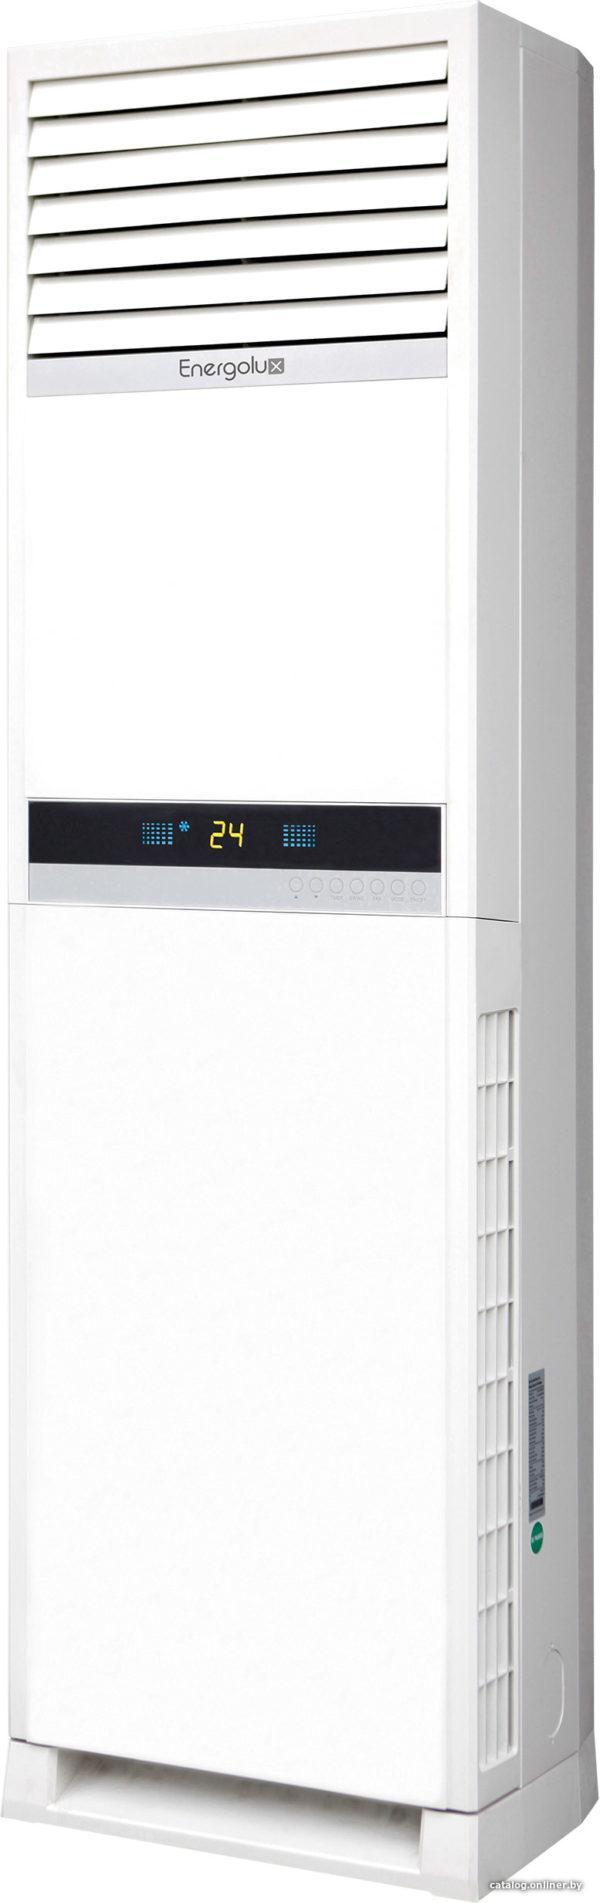 Energolux Cabinet SAP60P1-A/SAU60P1-A